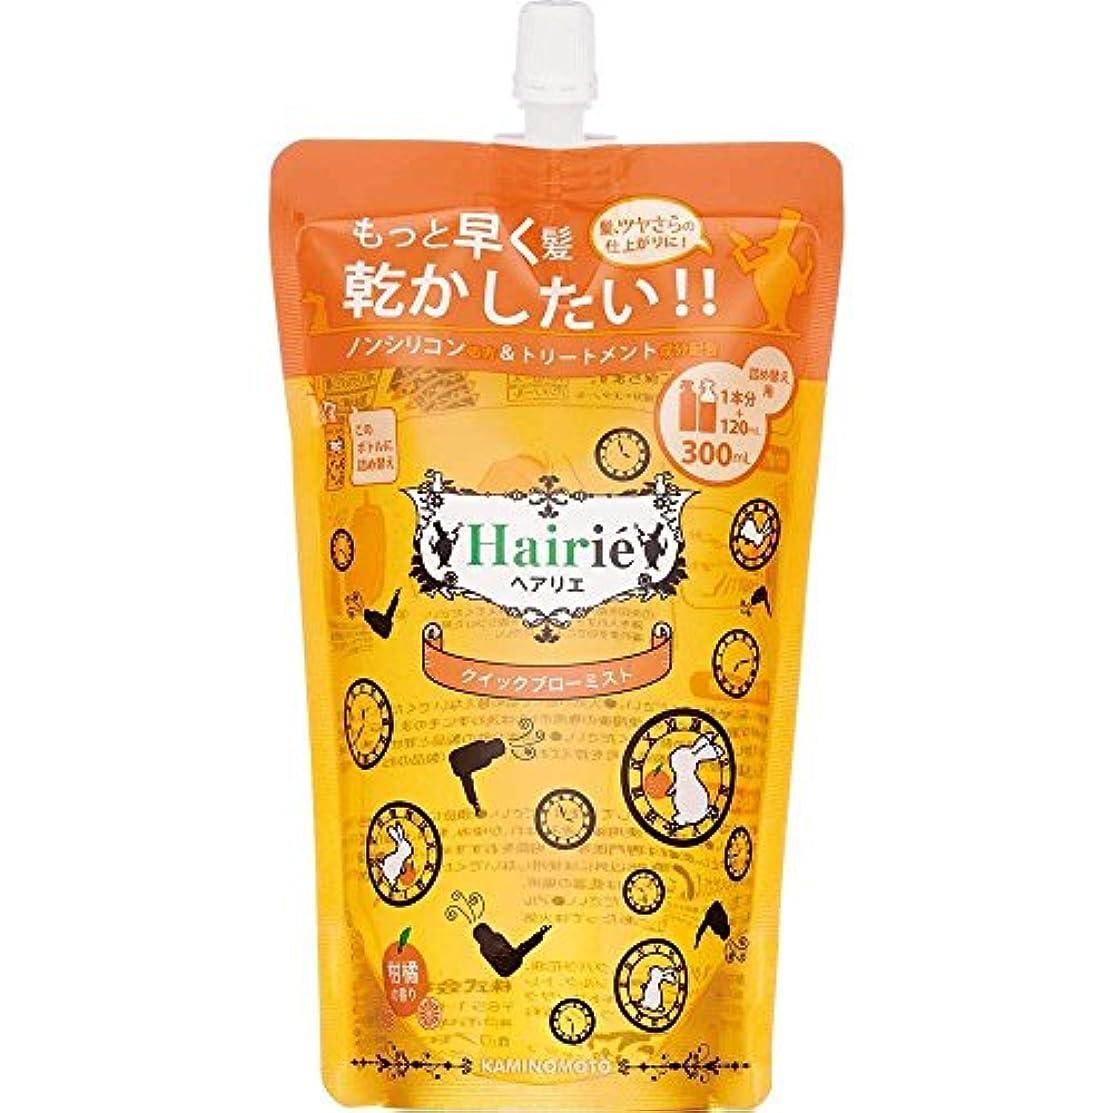 トランスミッションドレス素人ヘアリエ クイックブローミスト 柑橘の香り 詰め替え 300mL×3個